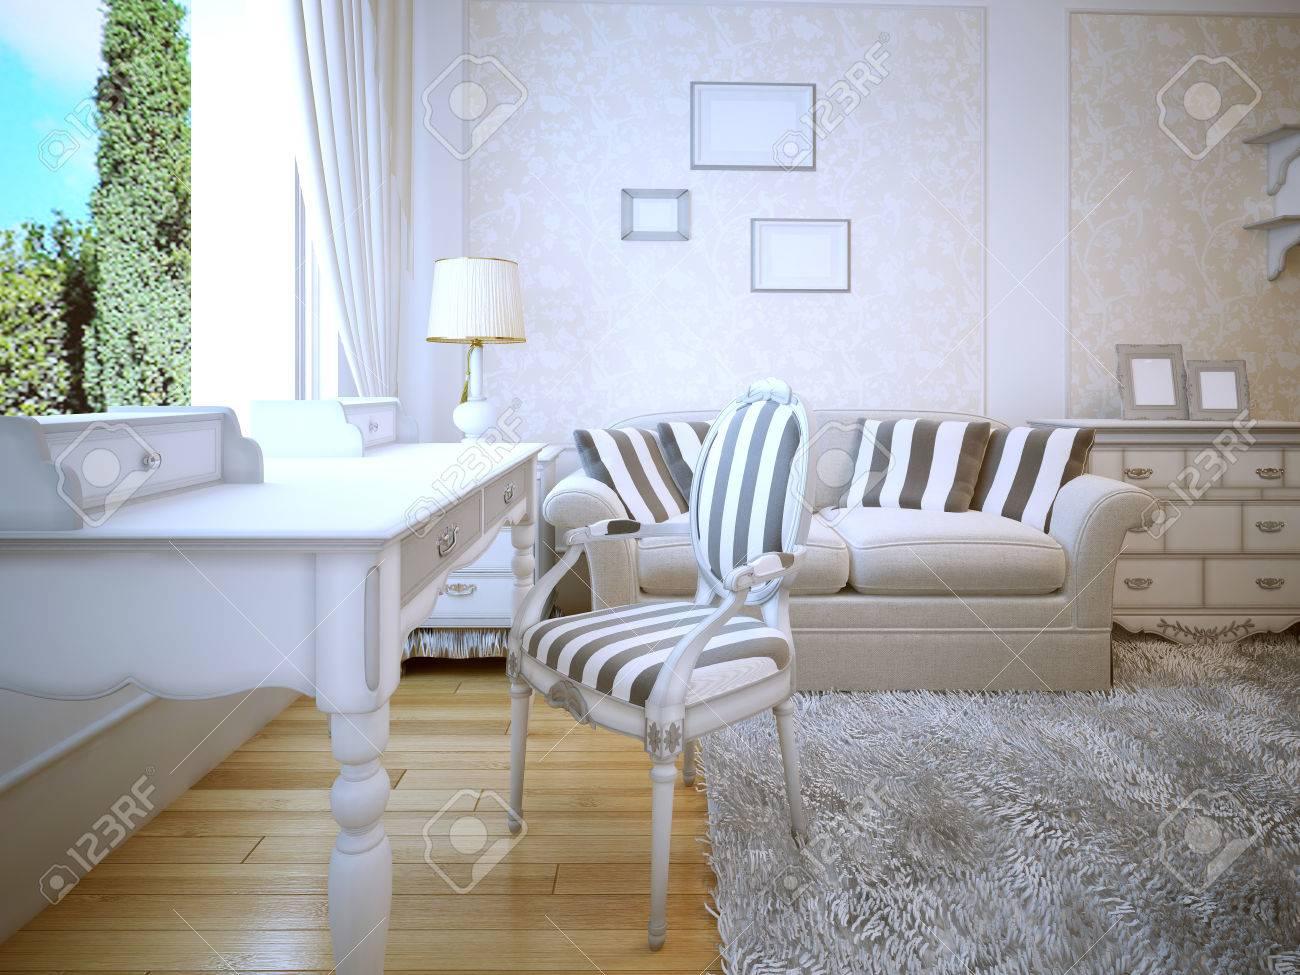 Idée de salon de provence. Une chambre confortable avec une belle murs  blancs avec des inserts papier peint de moulage. Canapé avec des oreillers  et